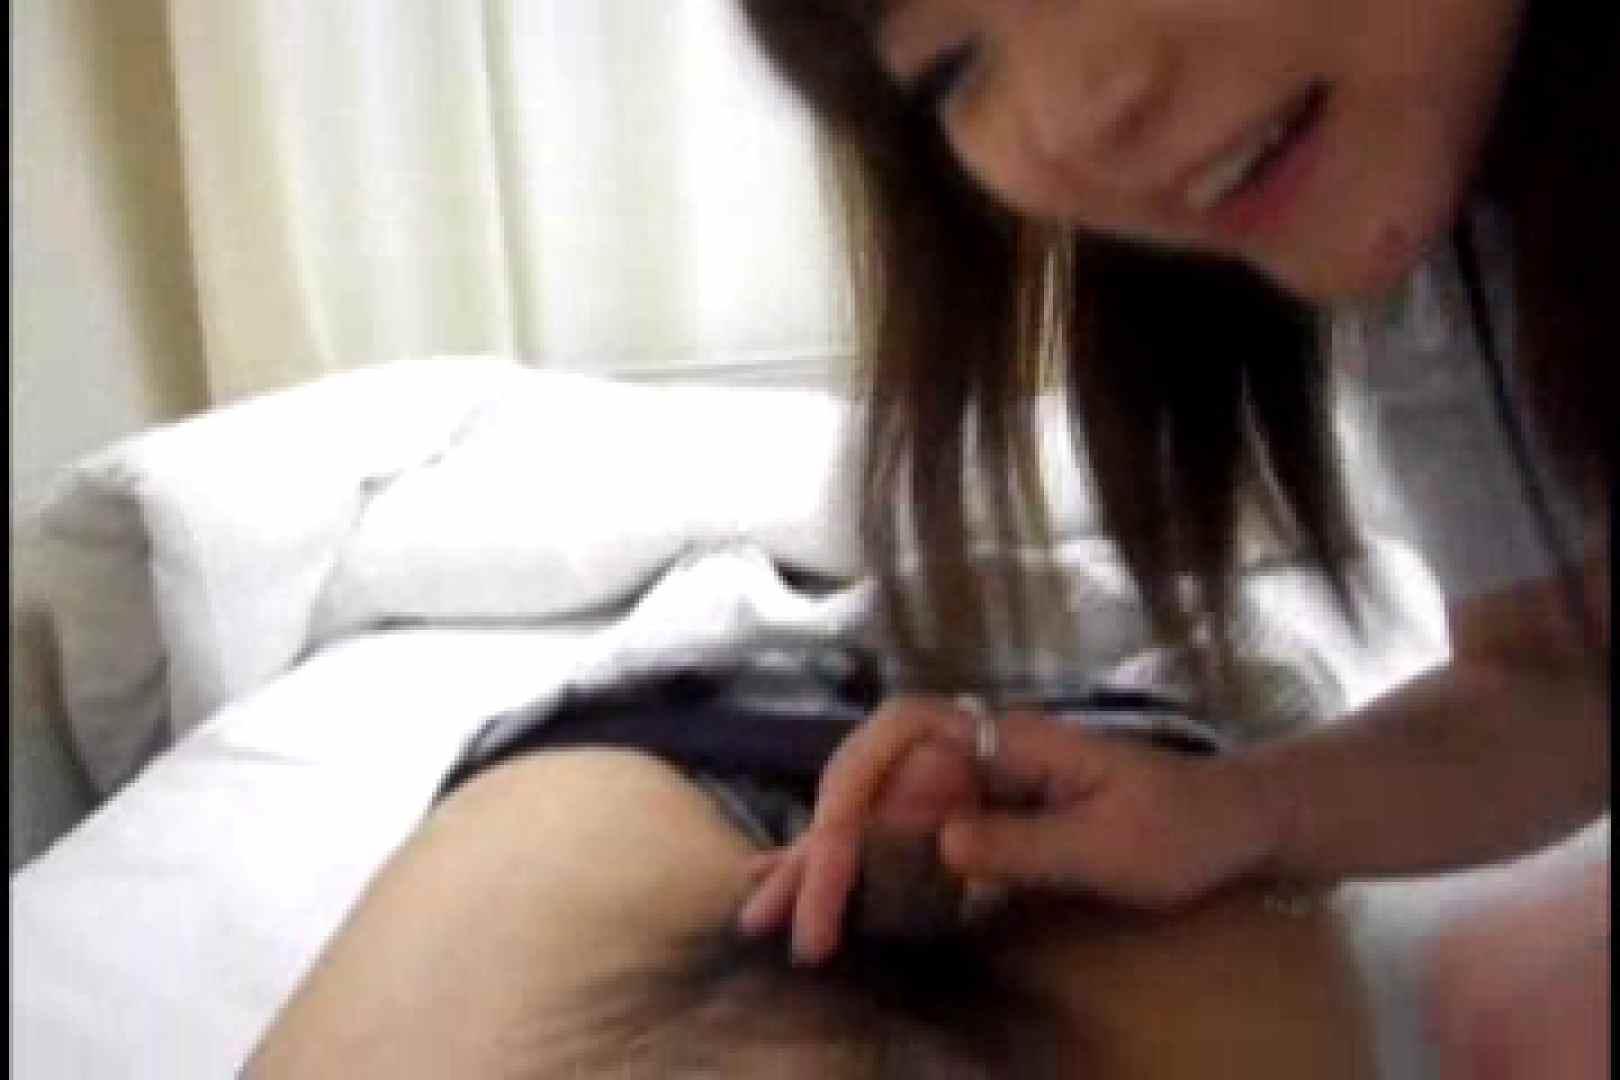 ヤリマンと呼ばれた看護士さんvol1 OL裸体 | シックスナイン  61画像 51